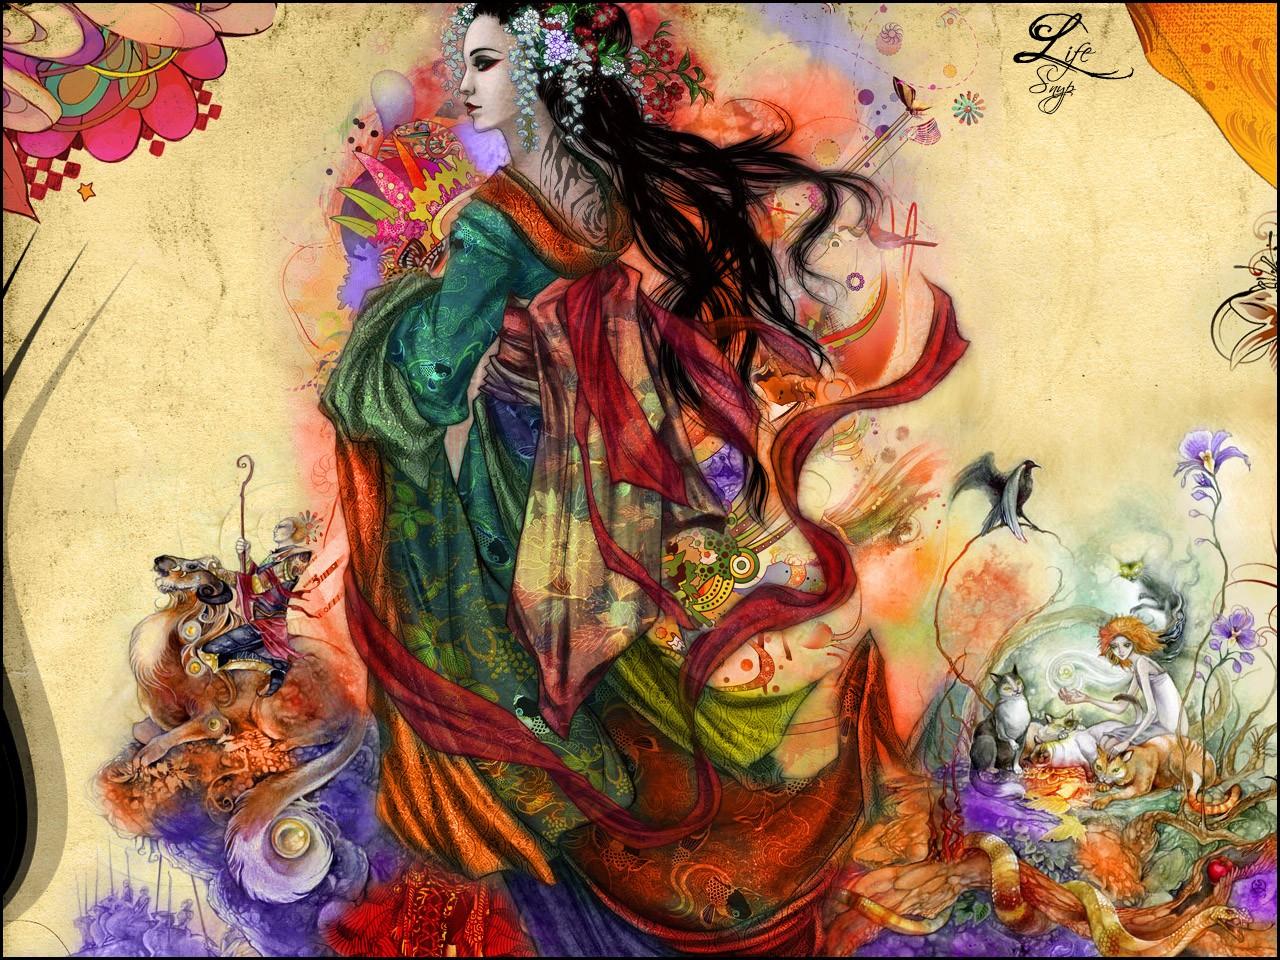 Geisha Wallpaper 1280x960 Geisha 1280x960